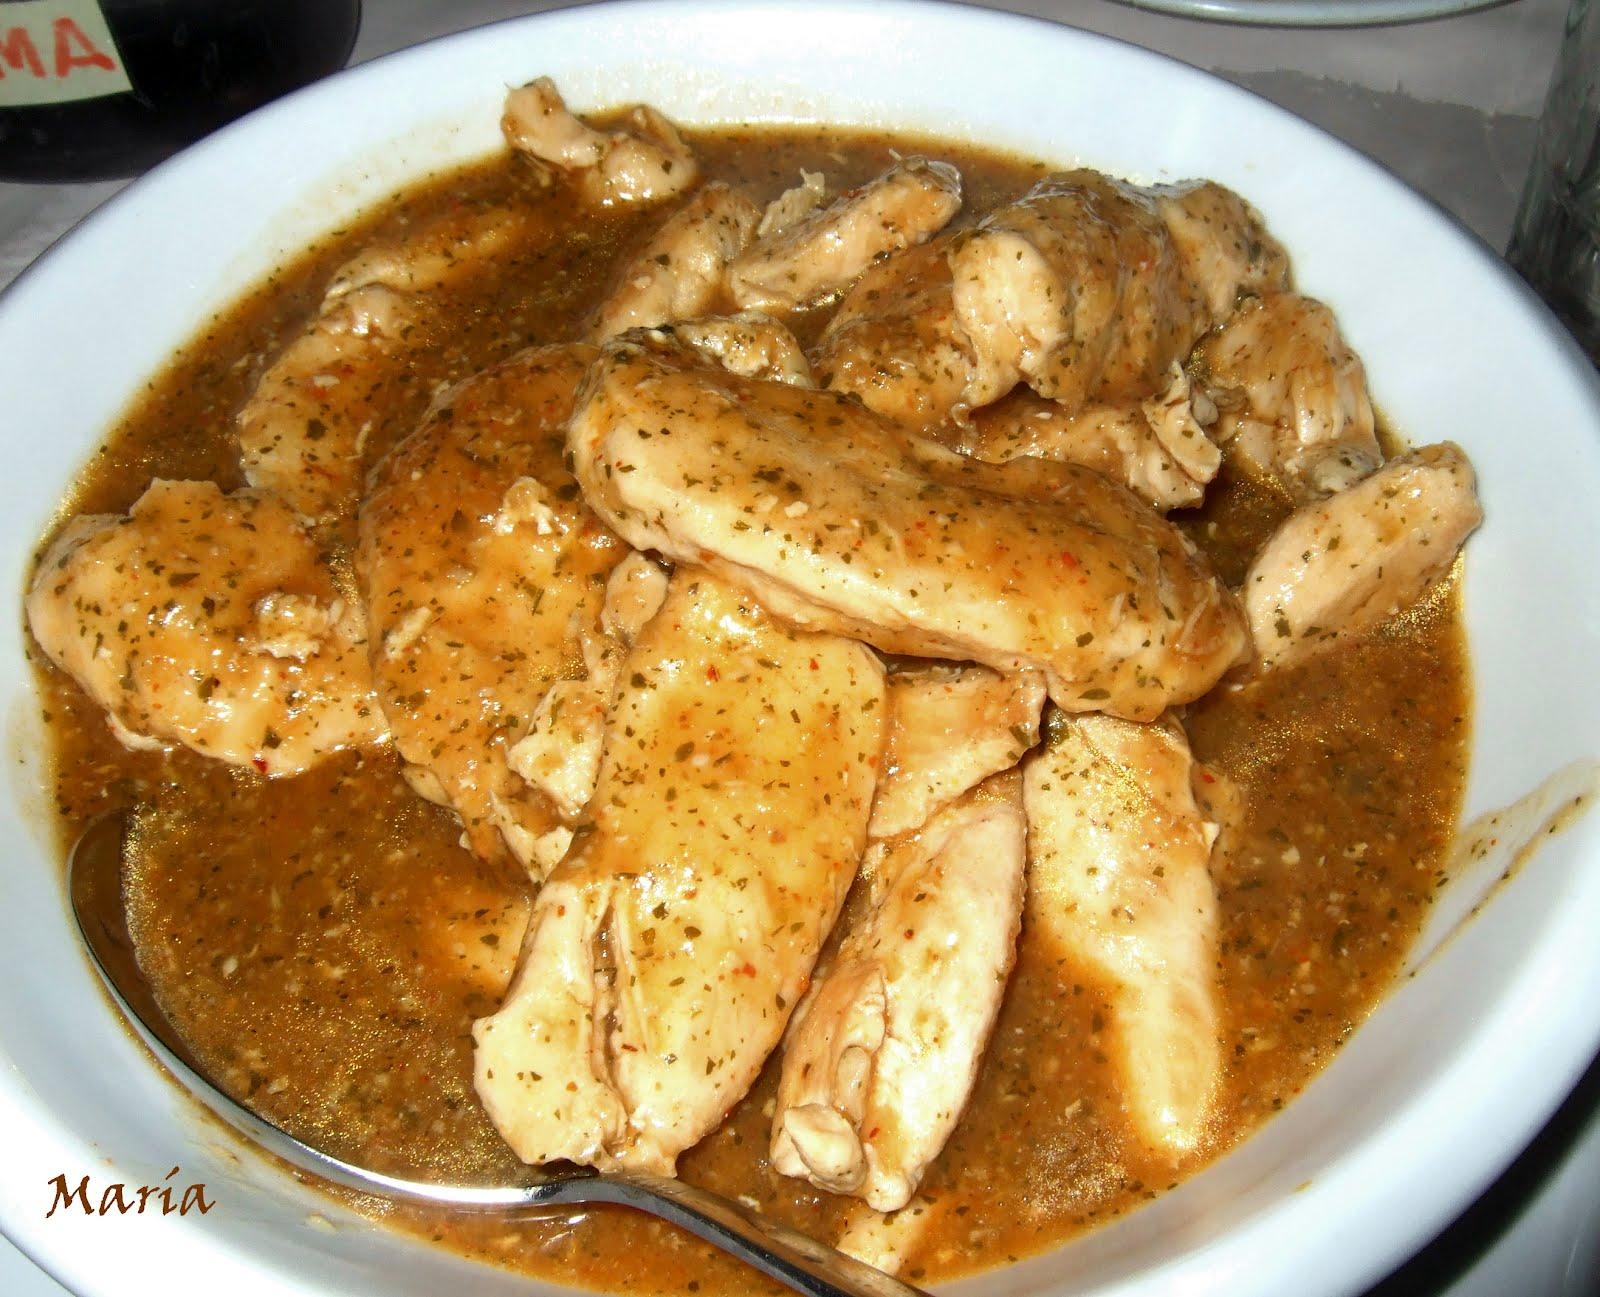 Para hincar el diente k m m k pechuga de pollo en salsa - Pechuga d pollo en salsa ...